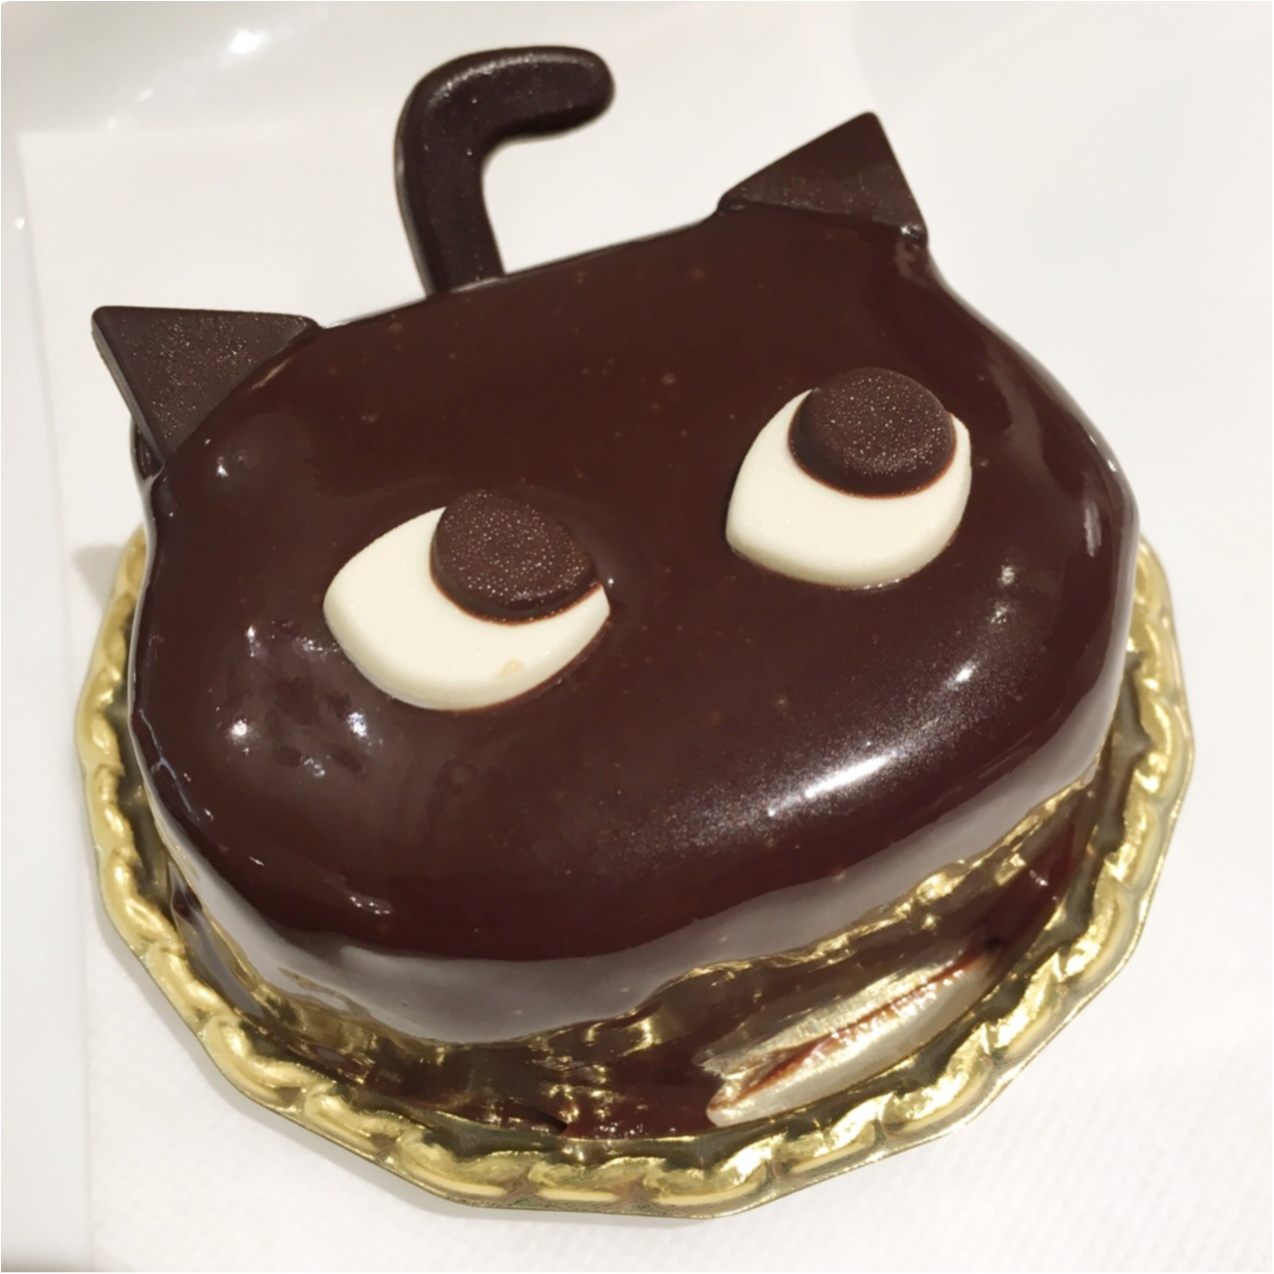 猫好きにはたまらない♡ 黒猫モチーフのケーキ屋さん《 シャ・ノワール 》がかわいすぎる♡_4